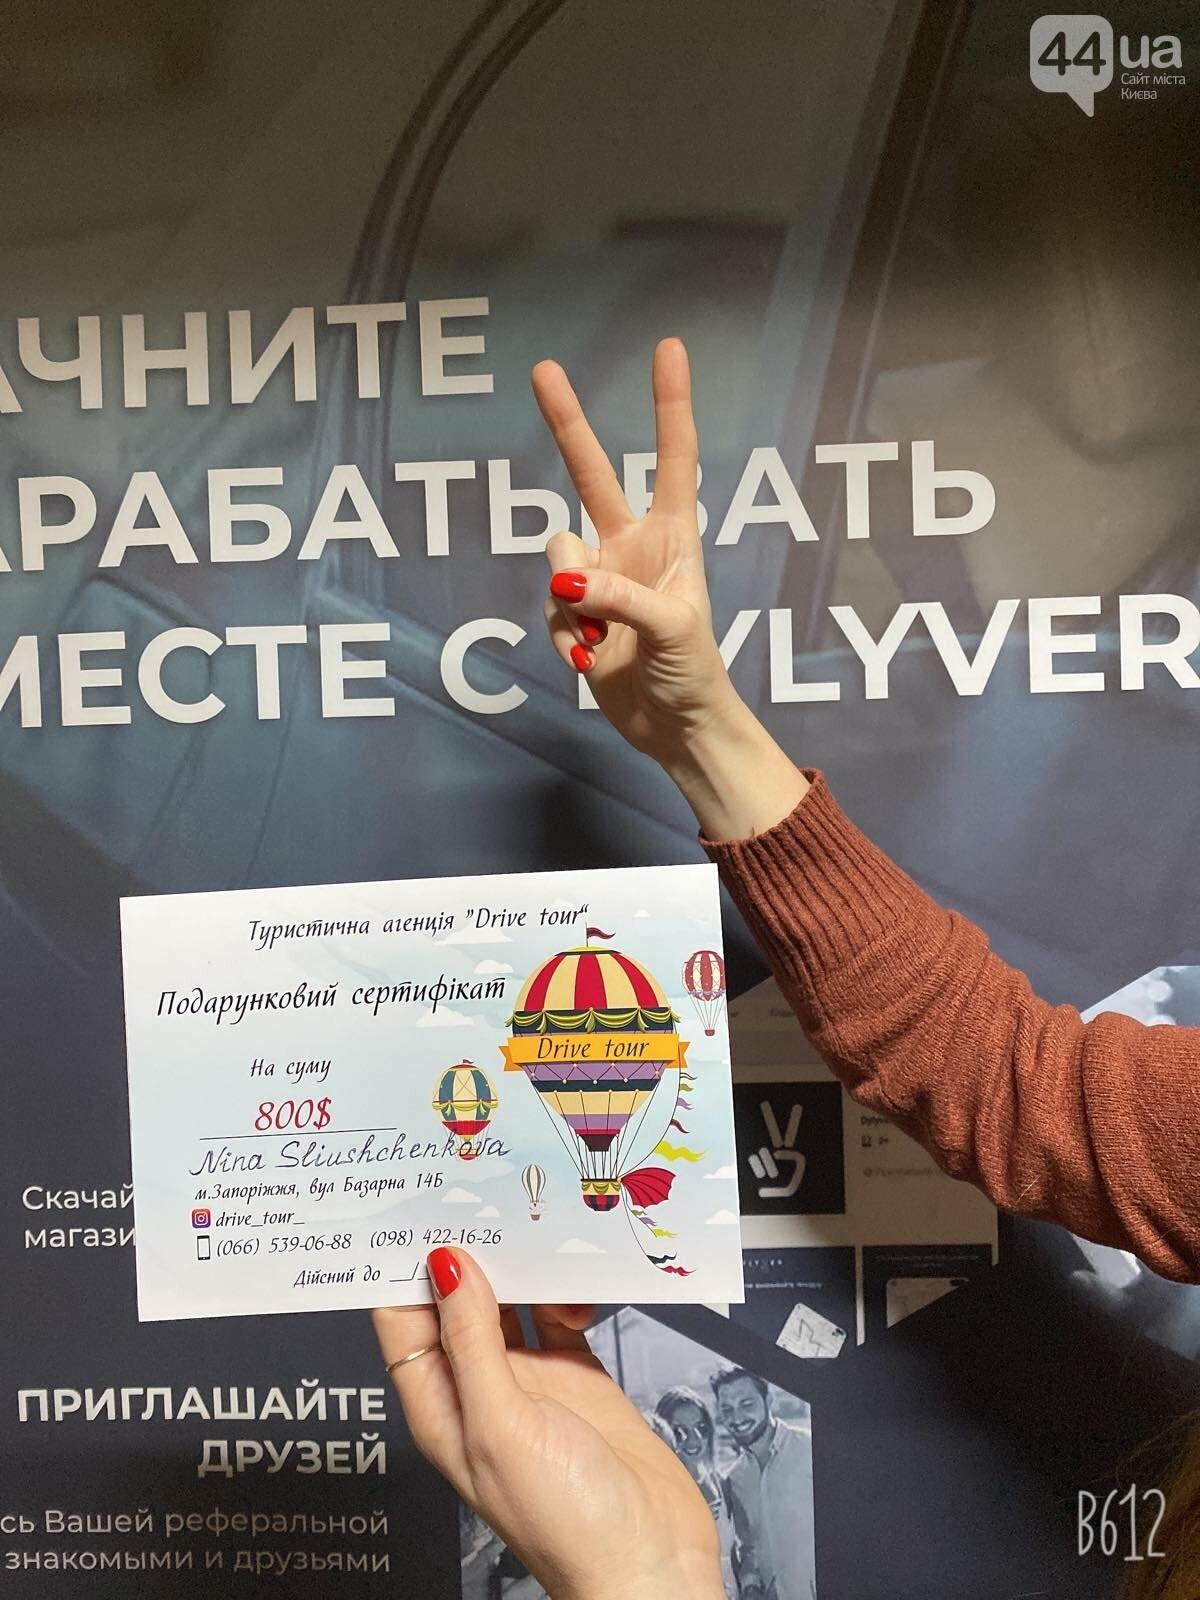 Служба таксі Dylyver назвала ім'я щасливчика, який виграв туристичну путівку на двох, фото-3